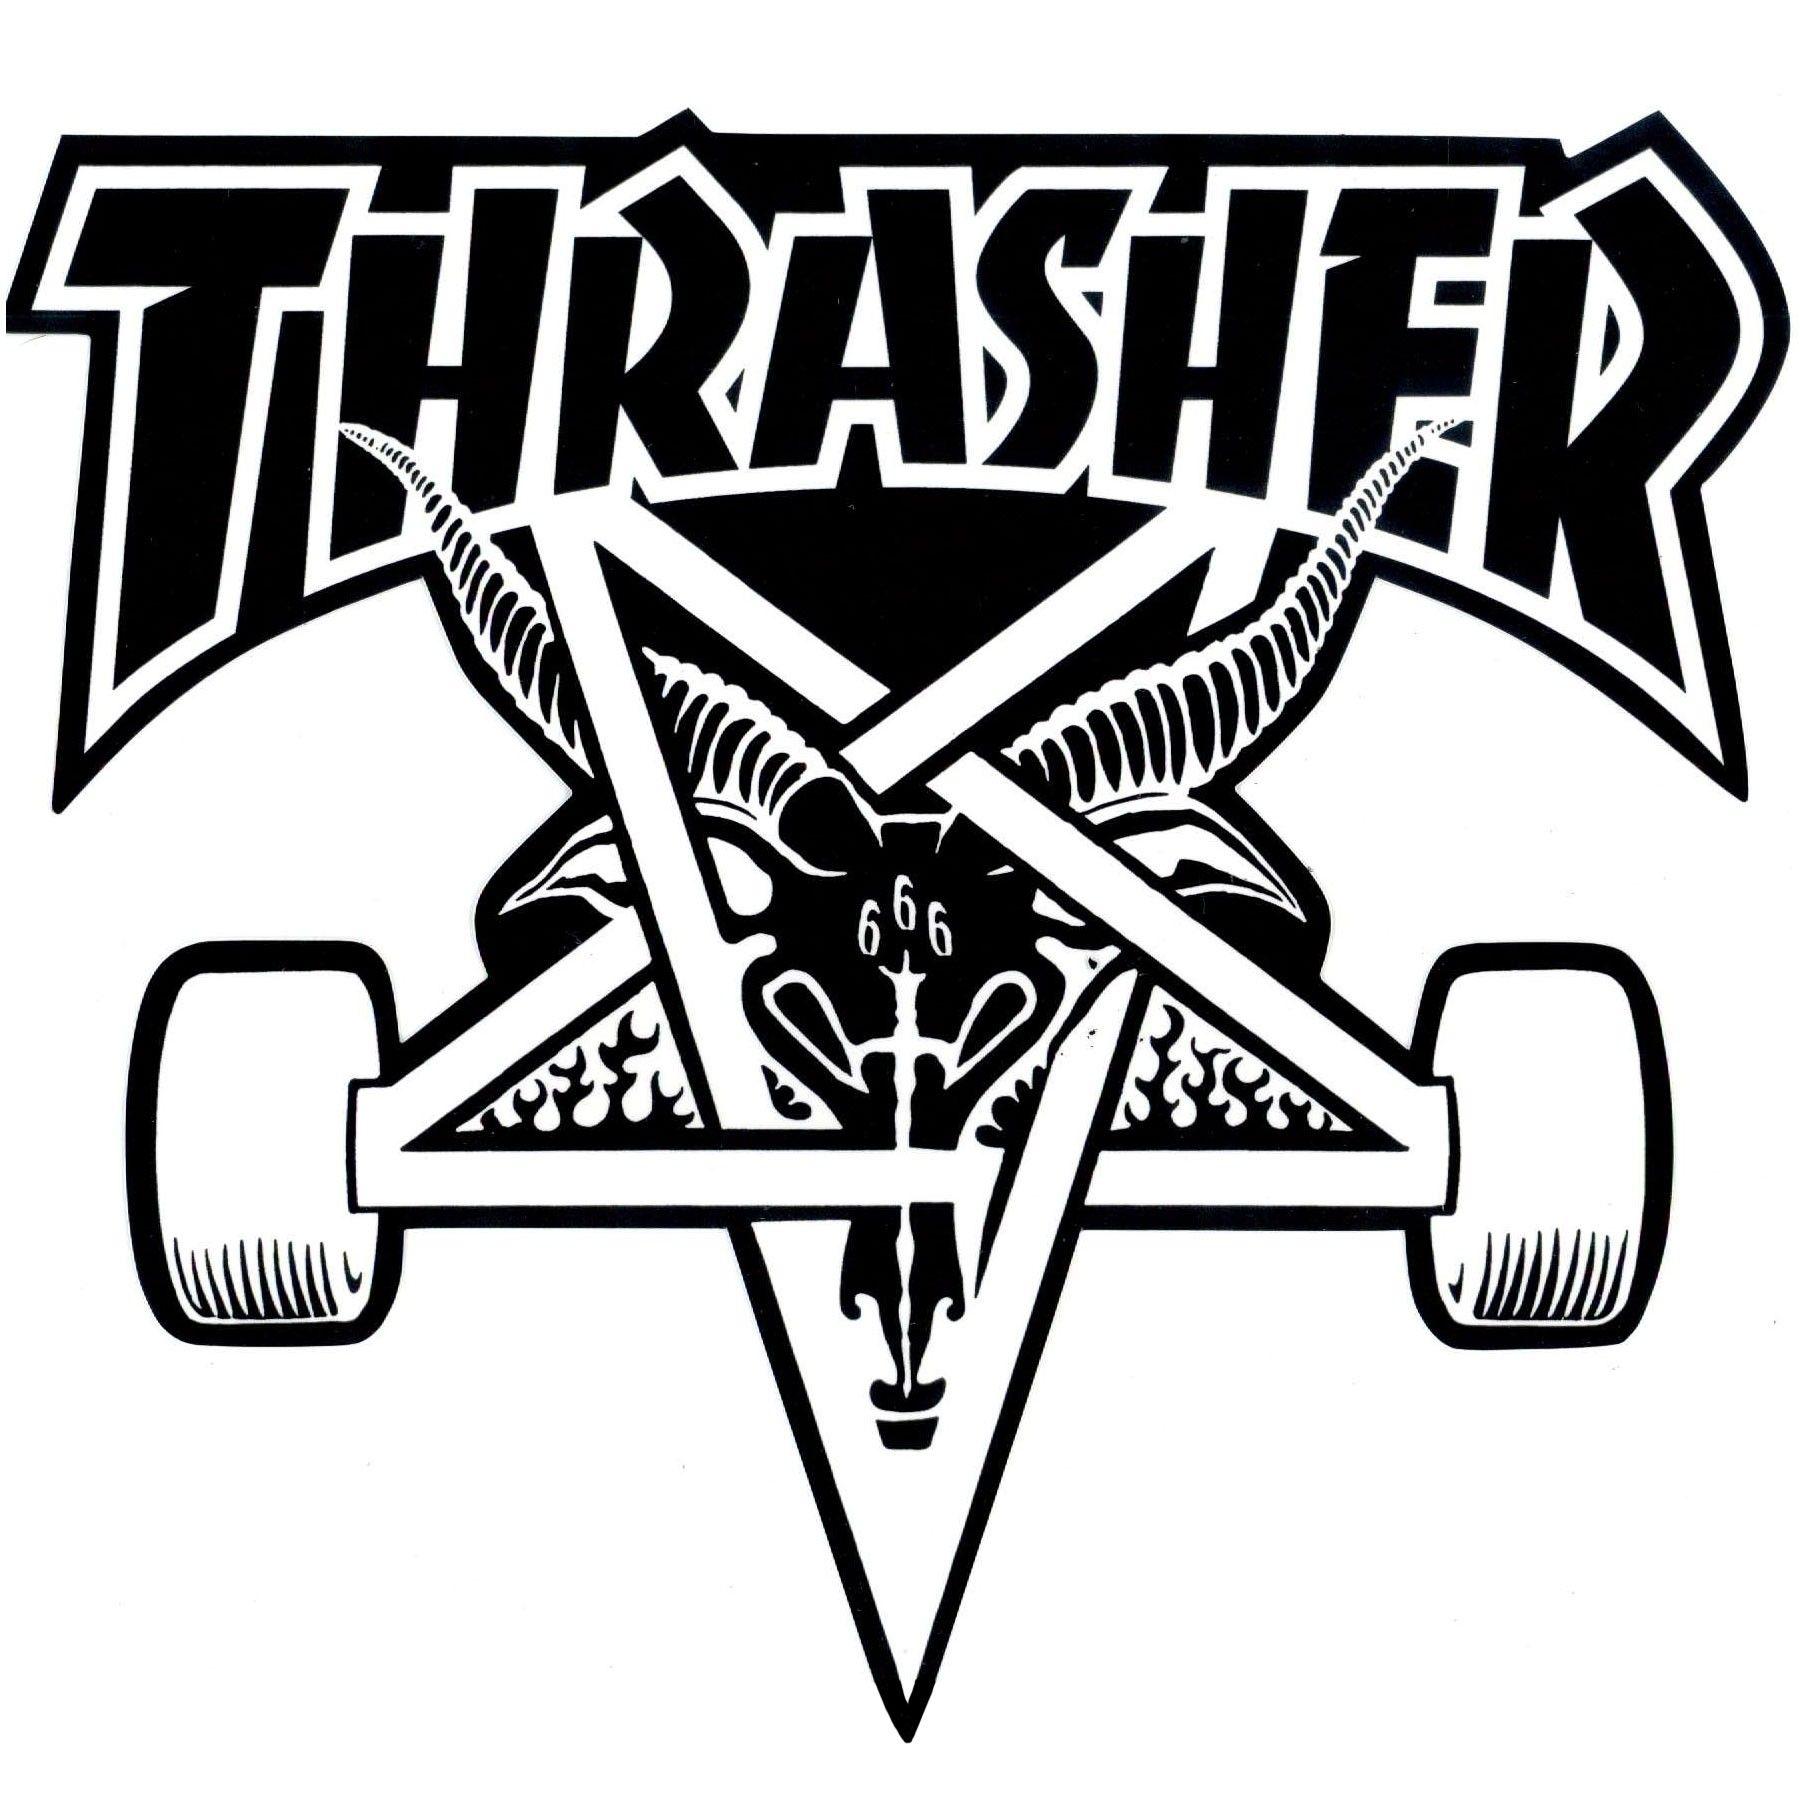 Thrasher Magazine Skate Goat Pentagram Skateboard Sticker 9 X Red Black Sports Outdoors